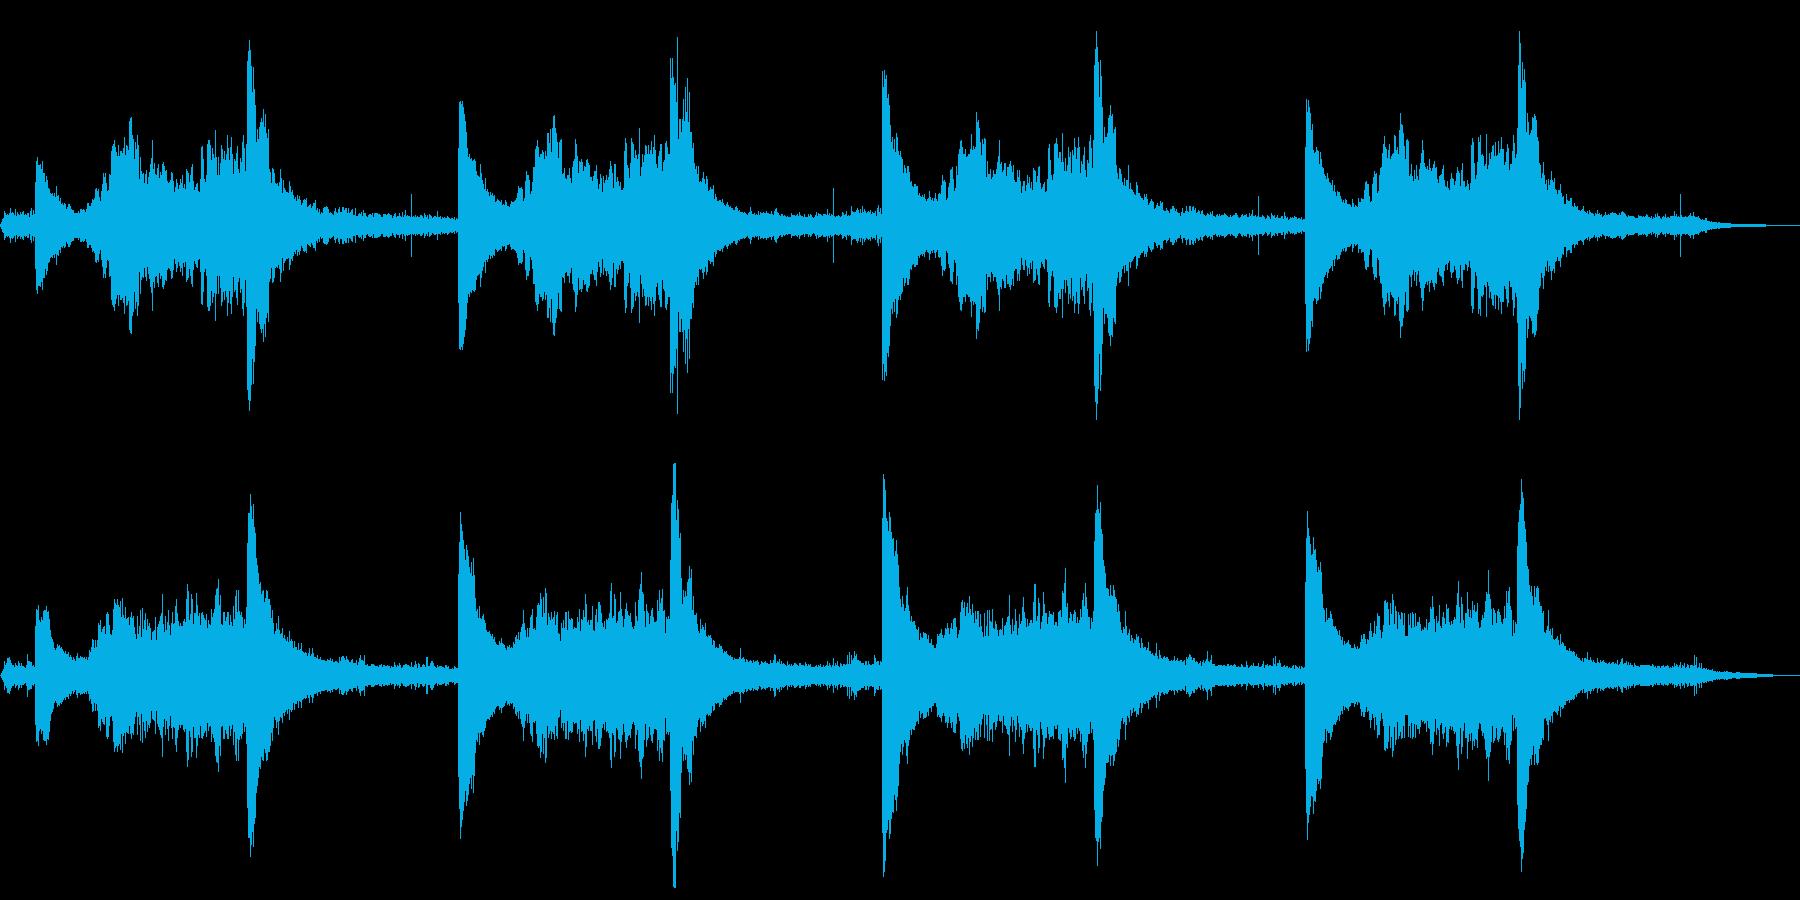 ささやき声が不気味なホラーの再生済みの波形